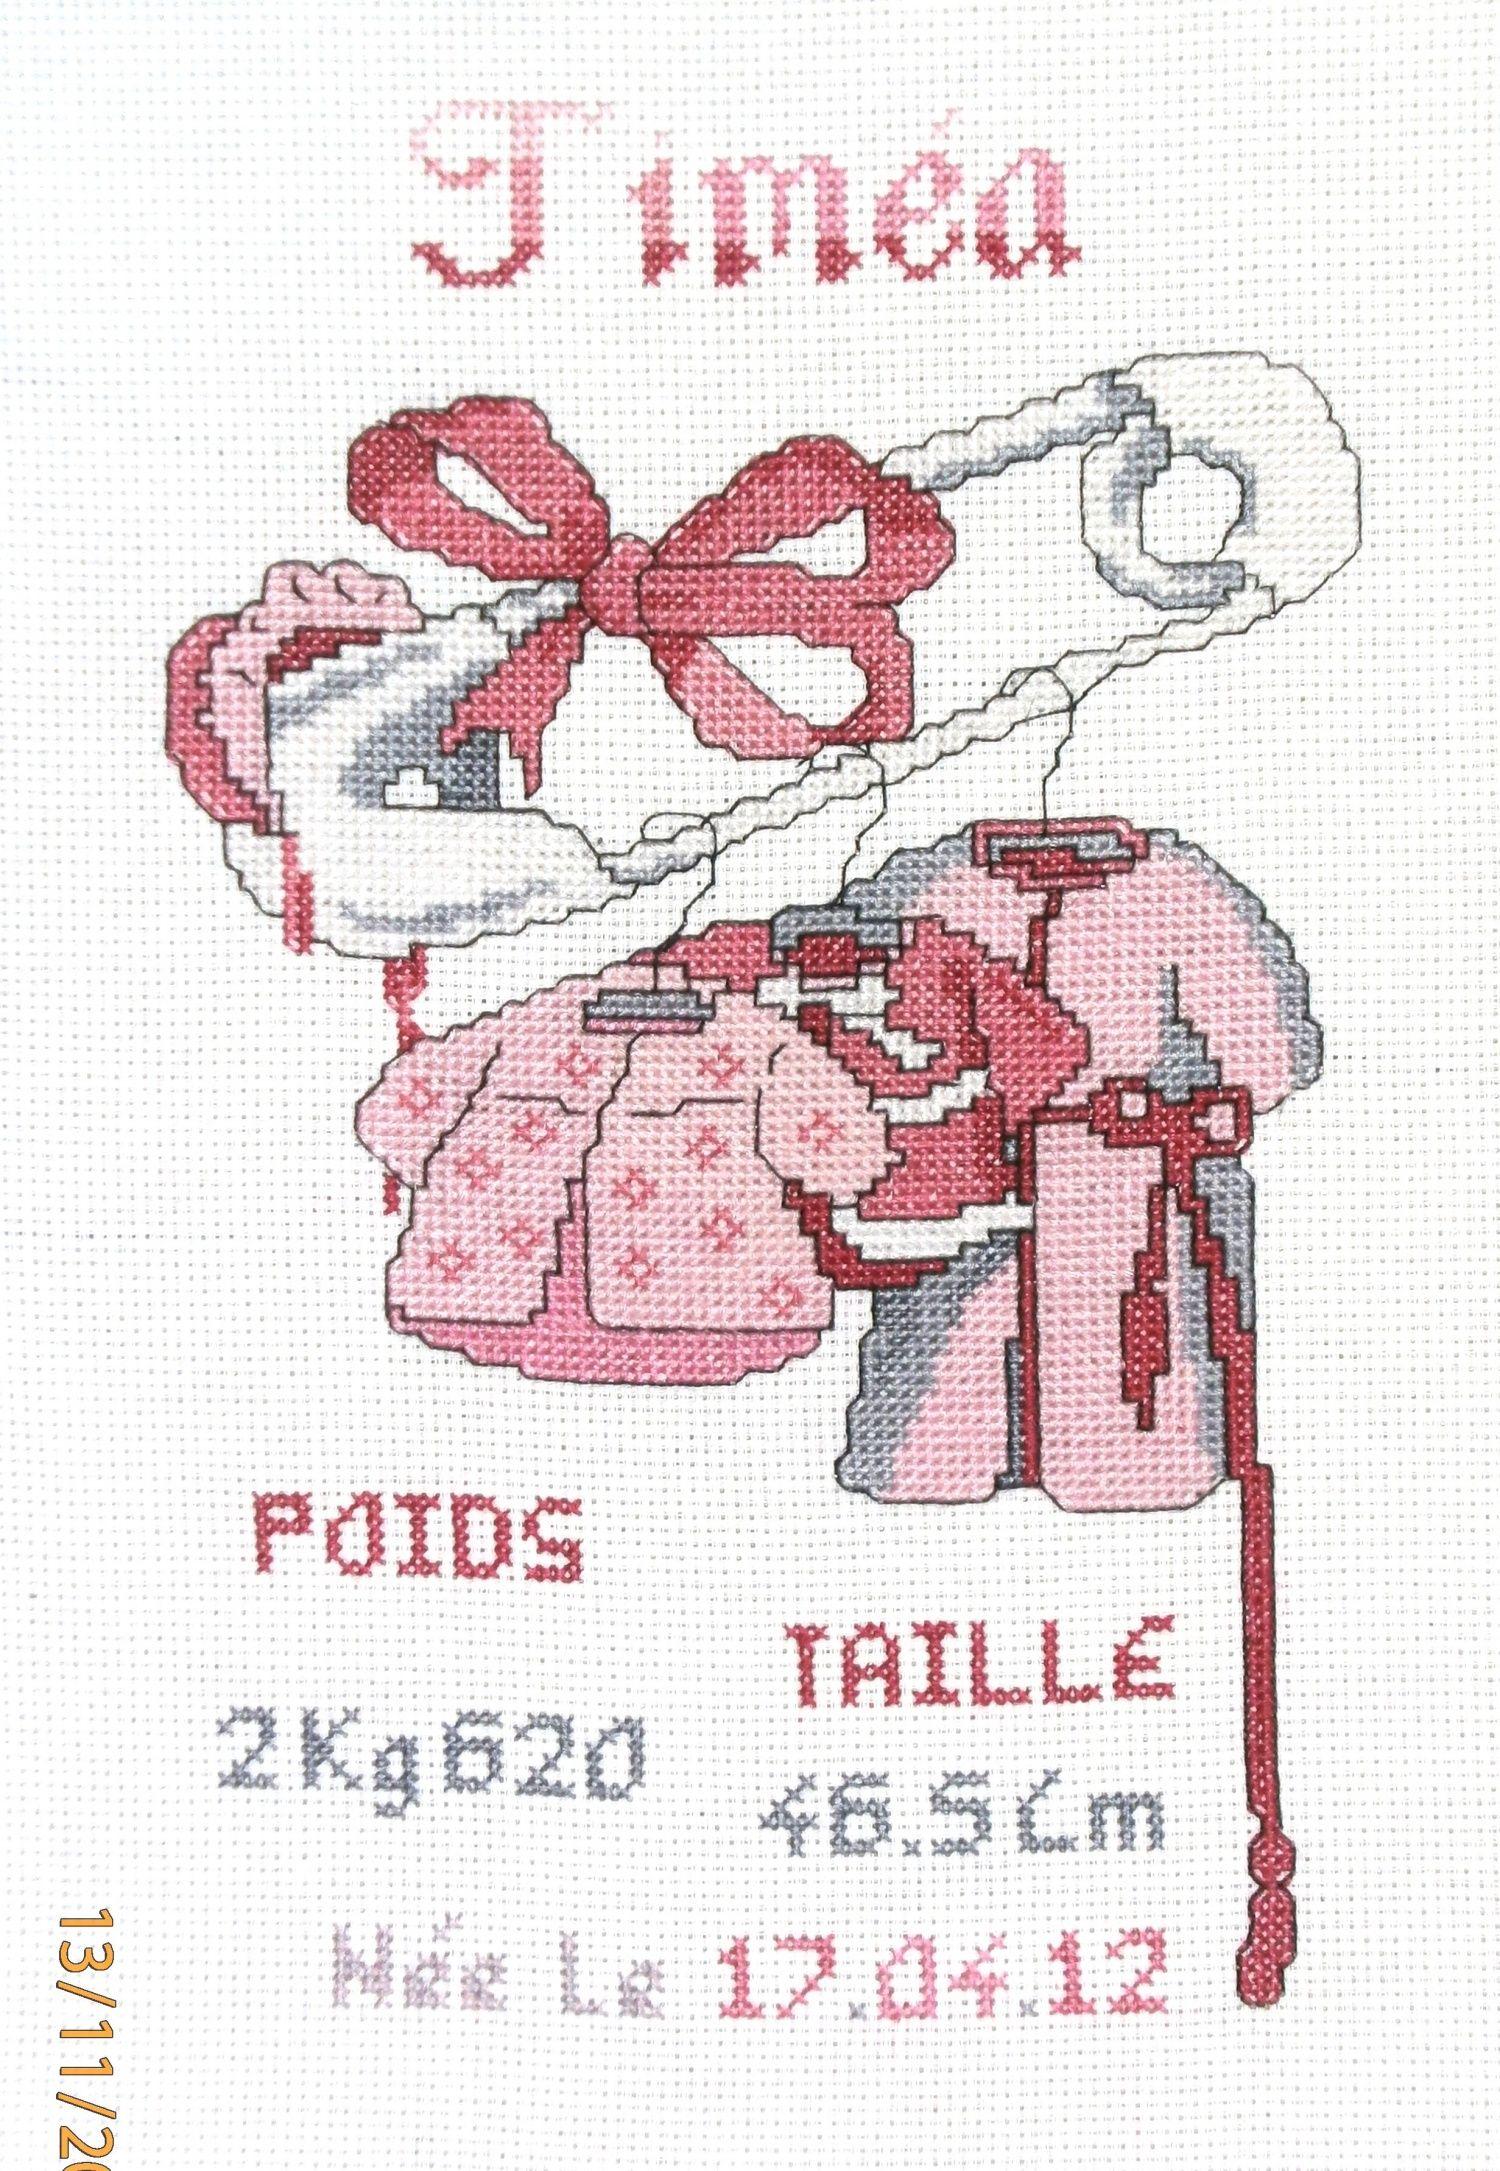 Point de croix naissance epingle naissance fille 89 pinterest point de croix croix et points - D m c broderie grilles gratuites ...